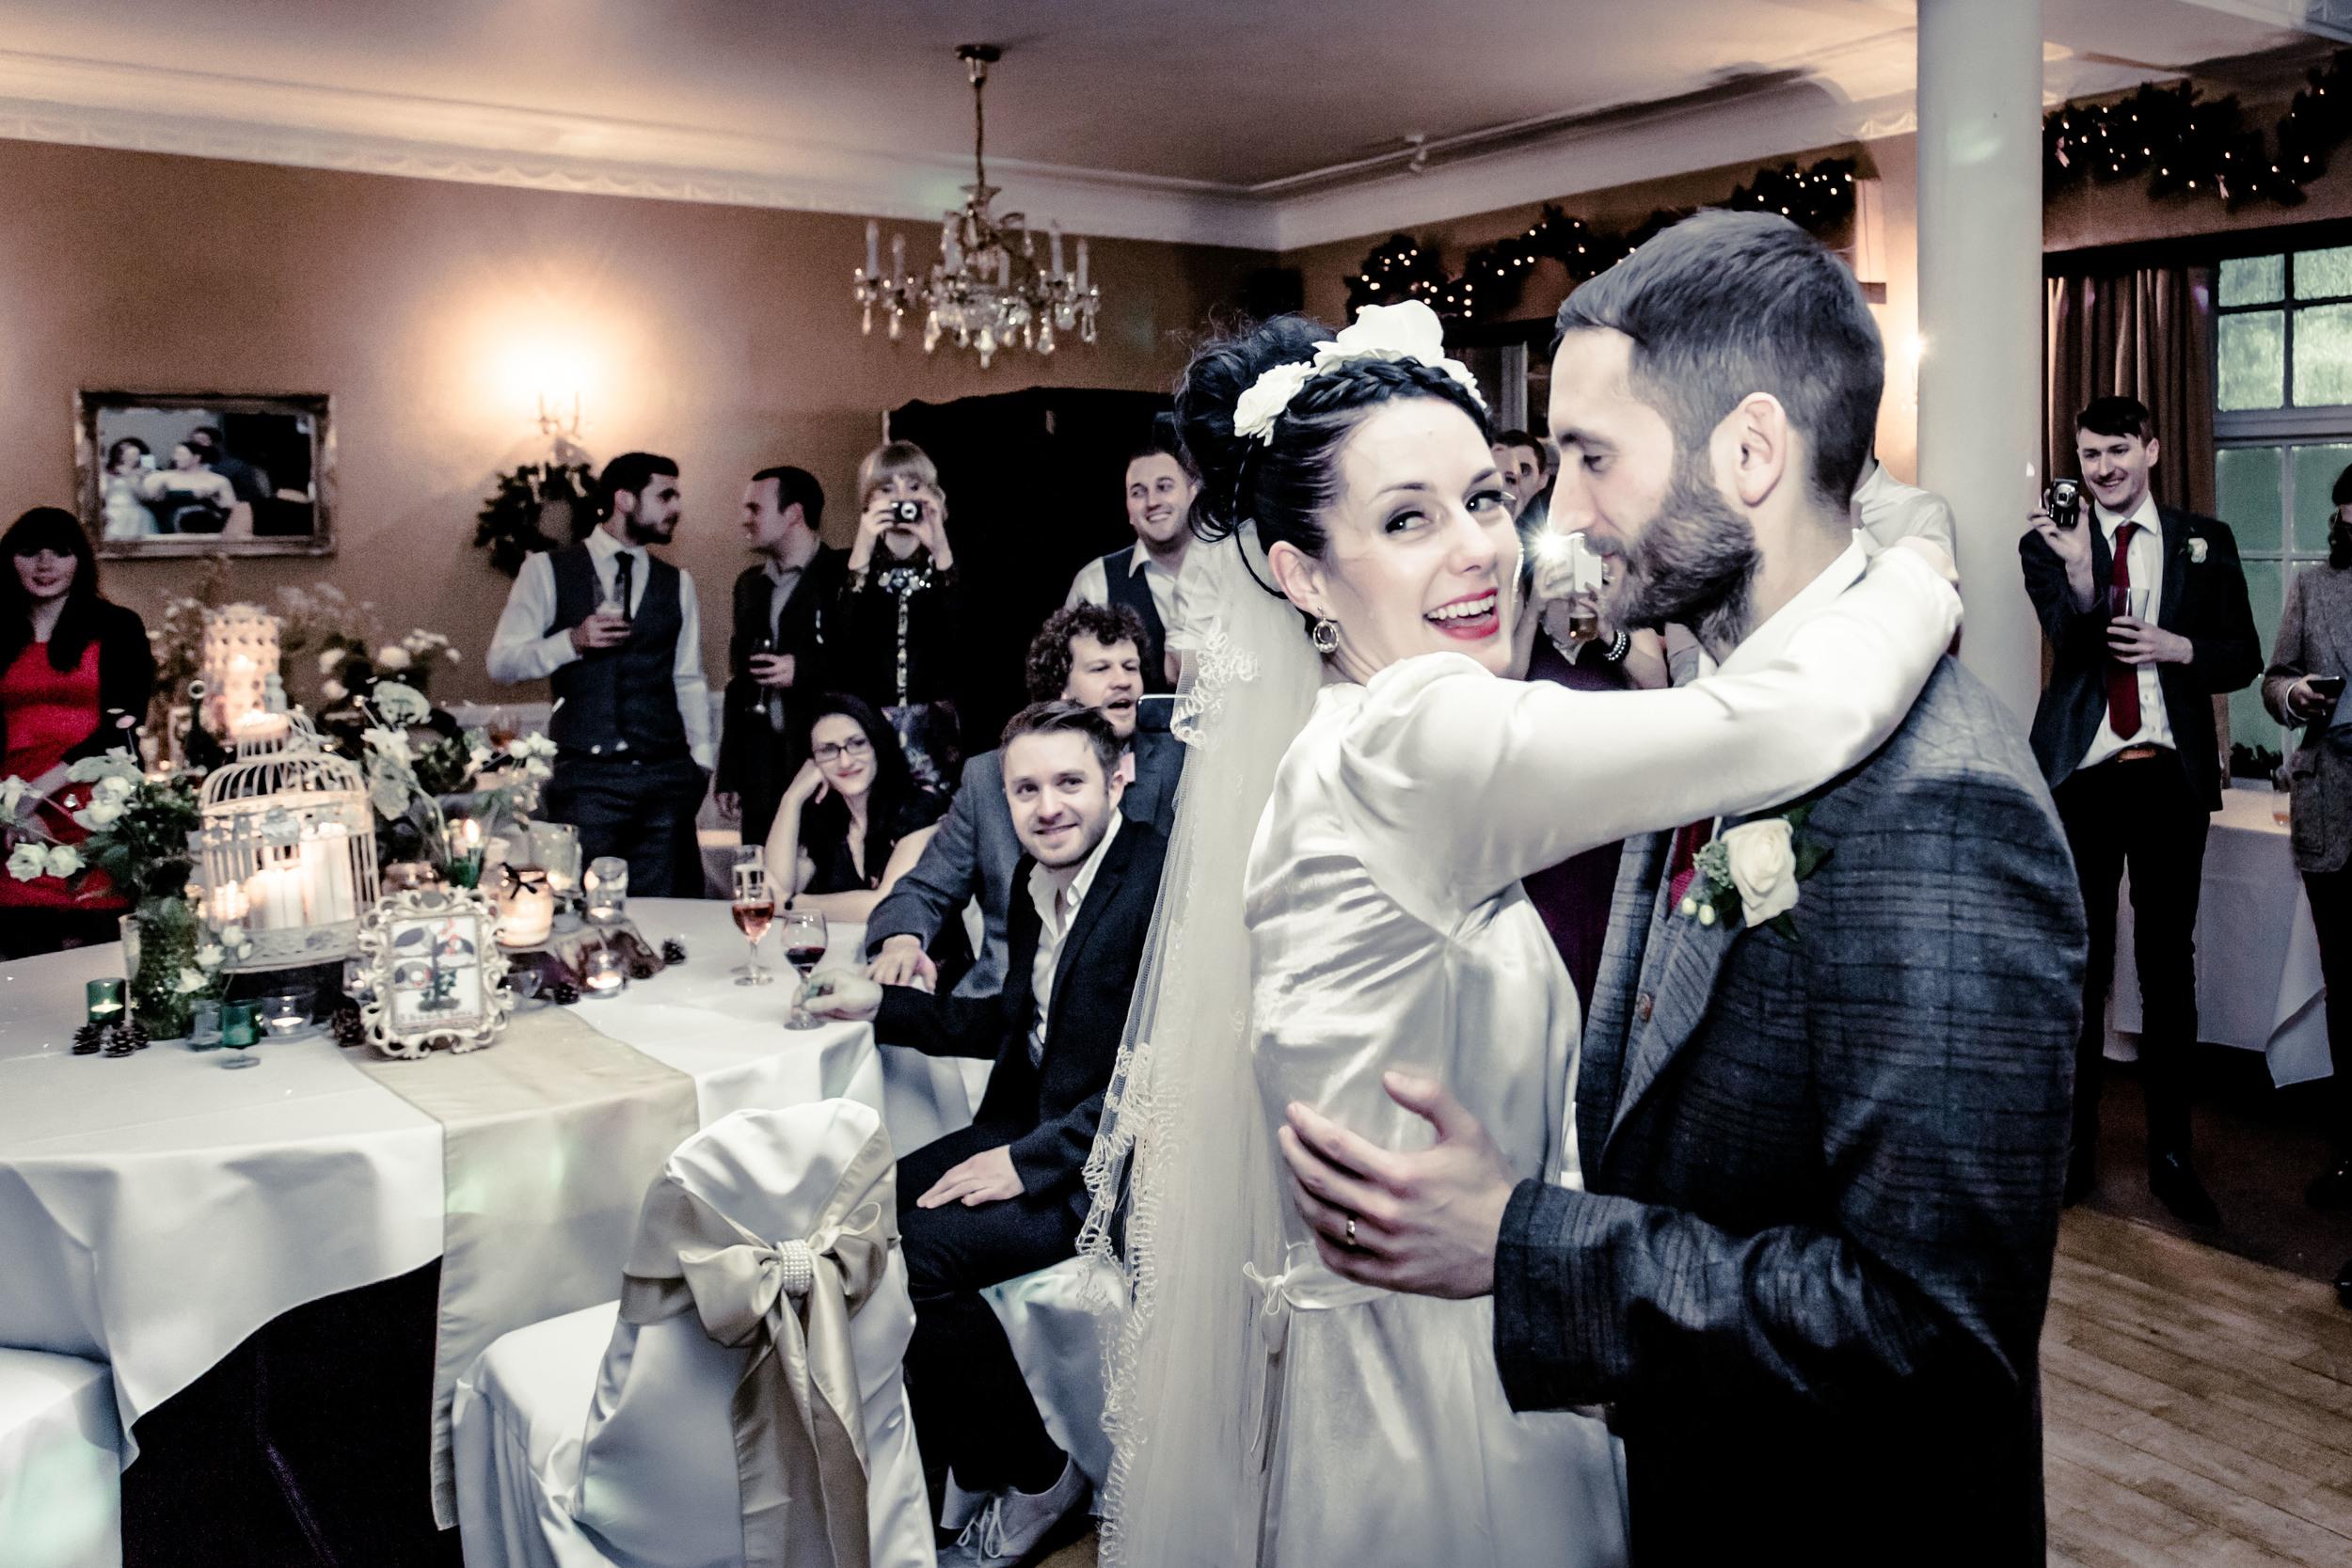 190 - Angela and Karls Wedding by www.markpugh.com -7249.jpg